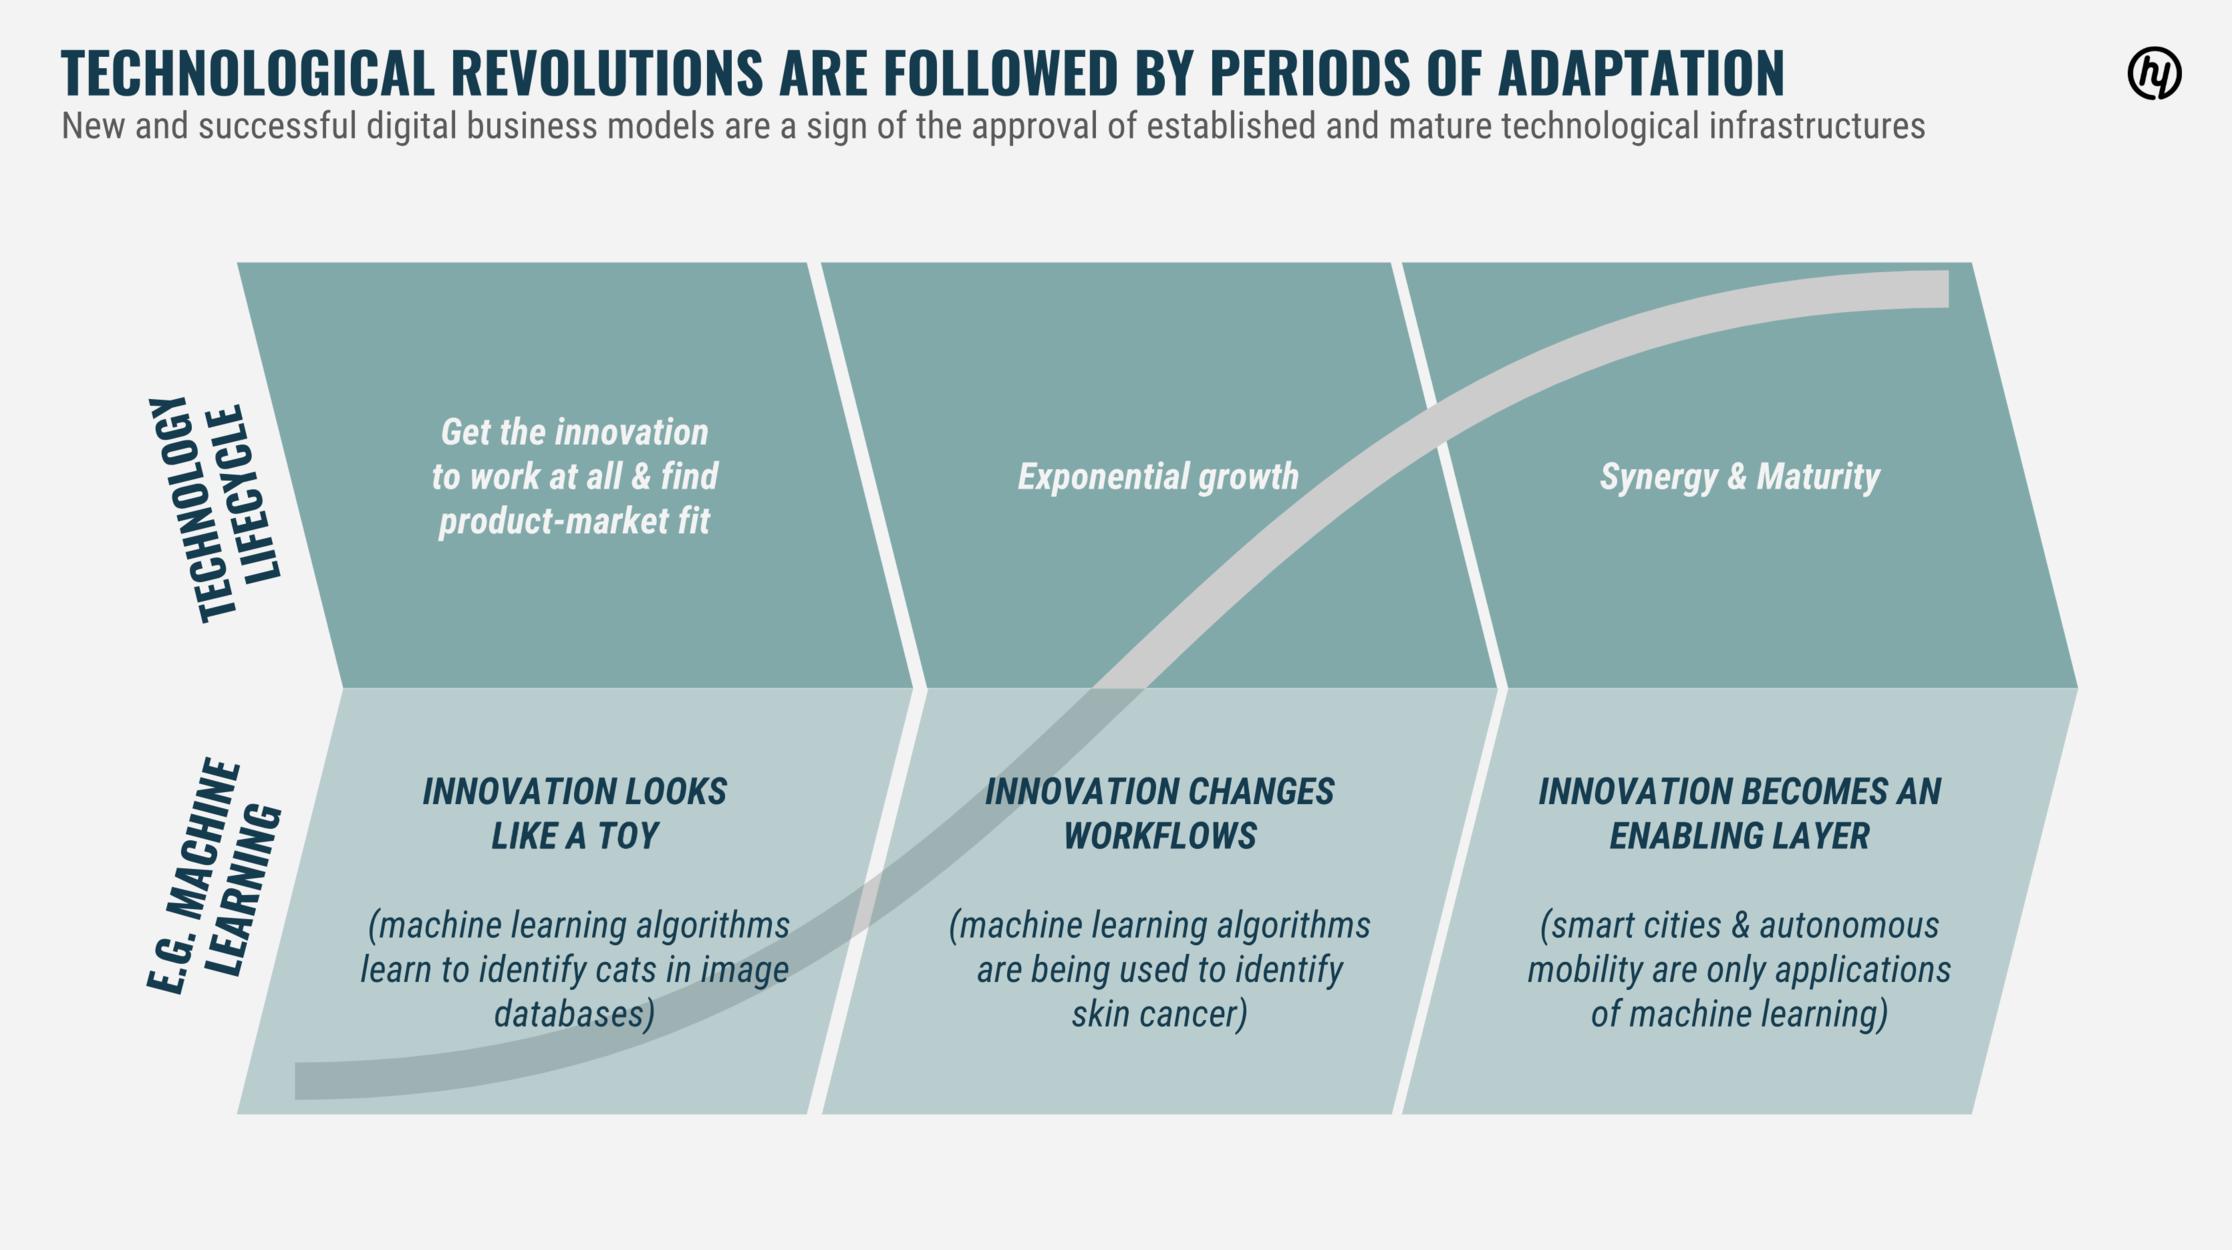 Abbildung 3: Auf technologische Revolutionen folgen Phasen der Durchdringung und Adaption.